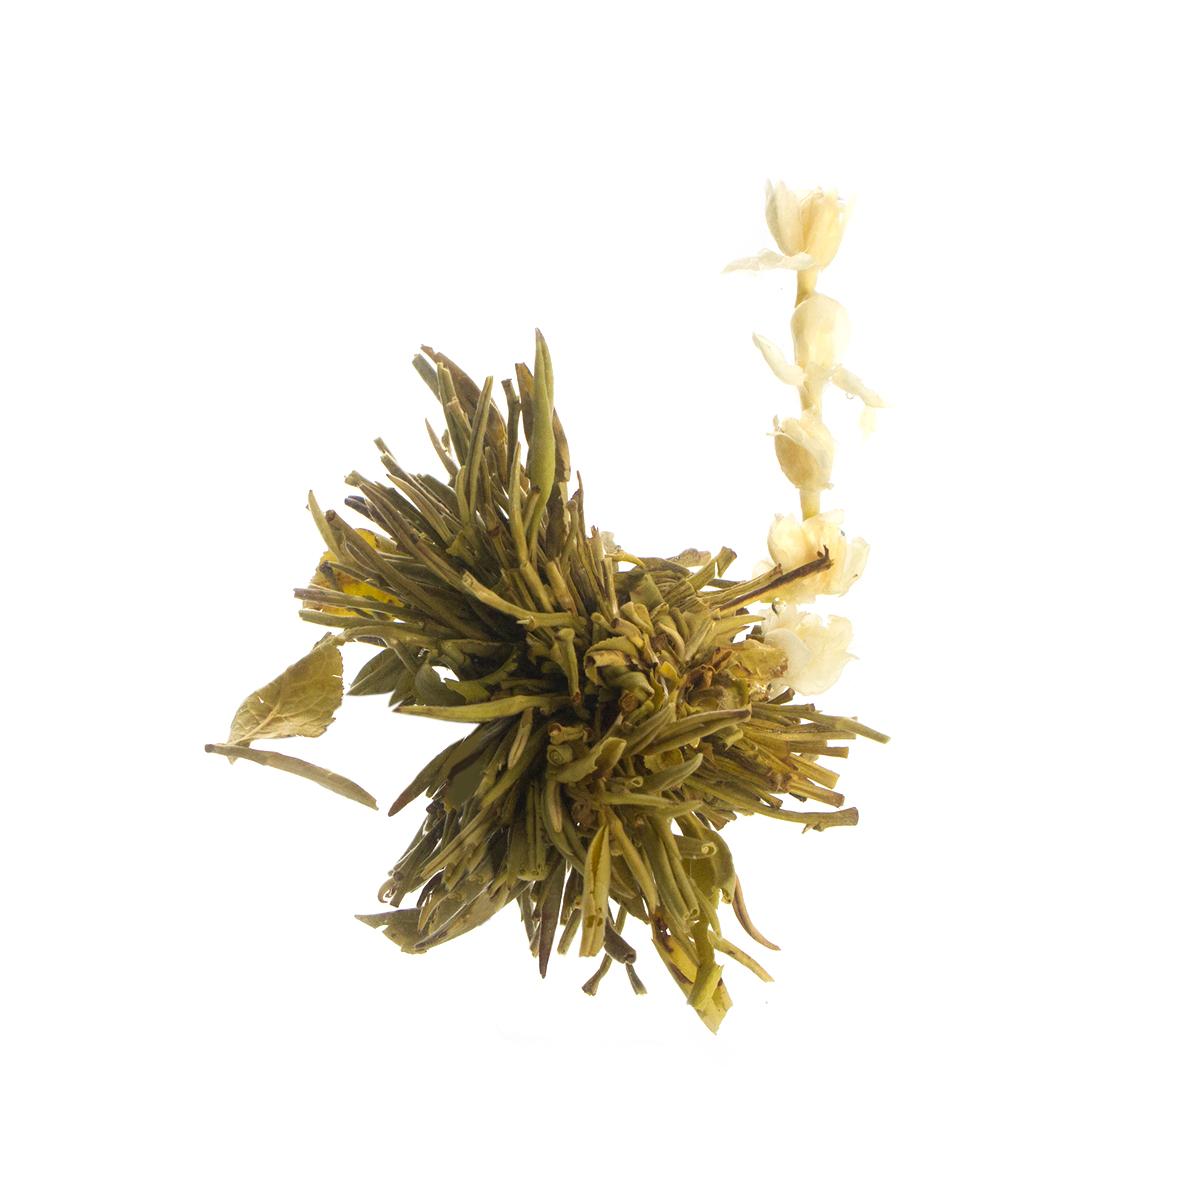 Связанный чай Хай Бэй Ту Чжу (Рождение жемчужины), упаковка 5 шт. от 101 Чай